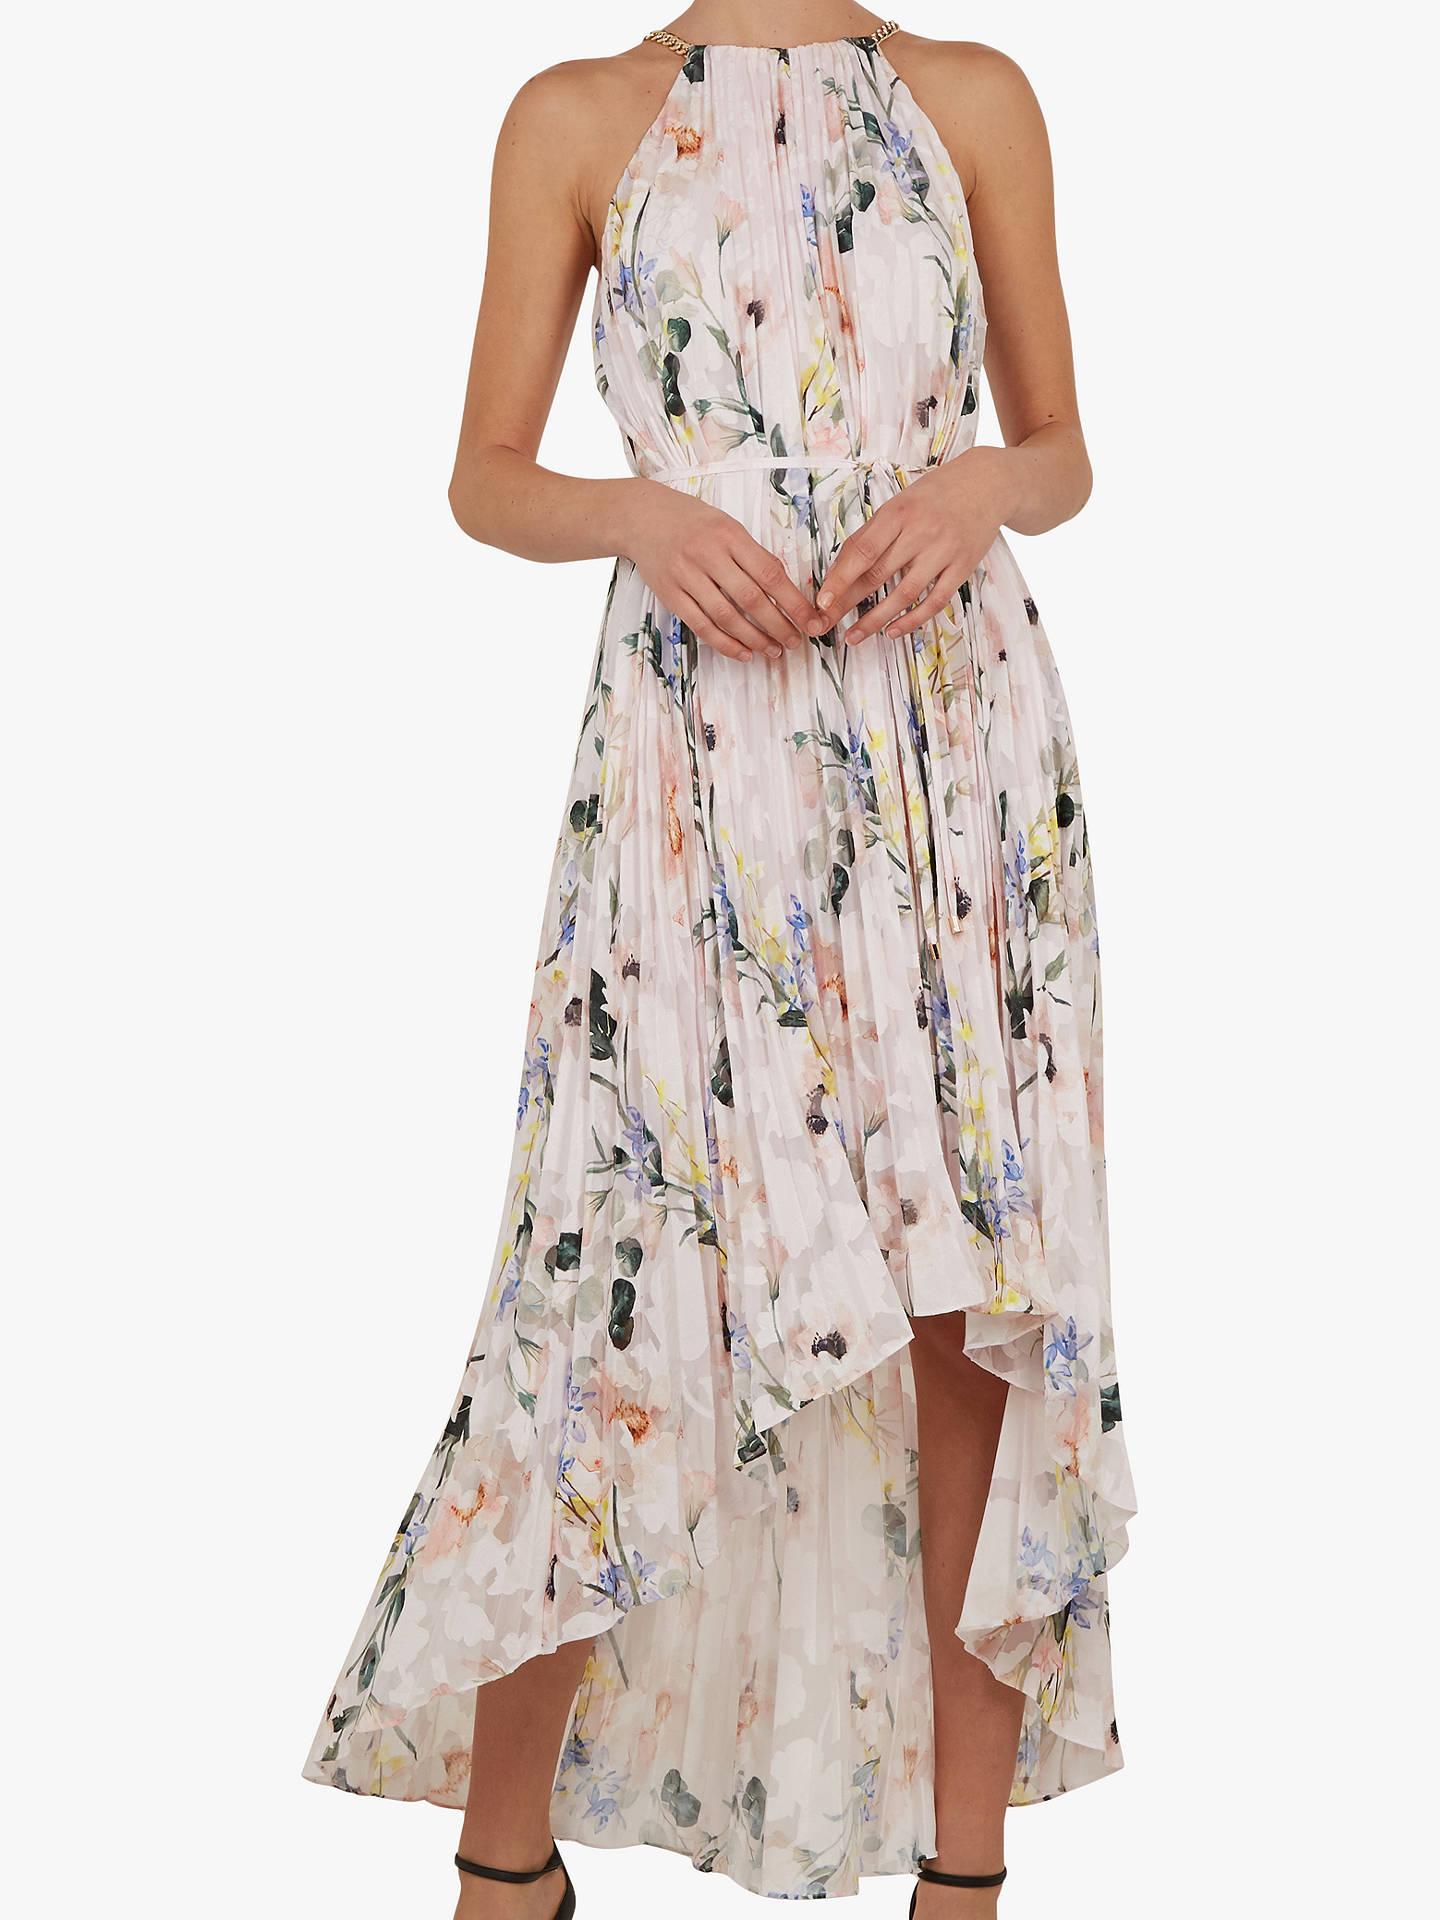 0ea3041c24 BuyTed Baker Valetia Dip Hem Floral Pleated Dress